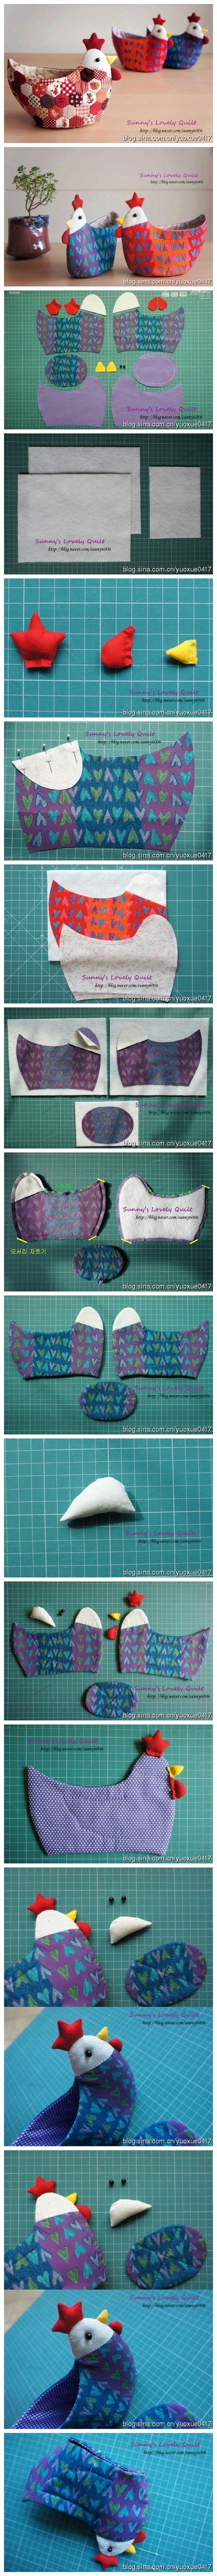 Tutorial de cómo hacer un recipiente de patchwork en forma de gallina